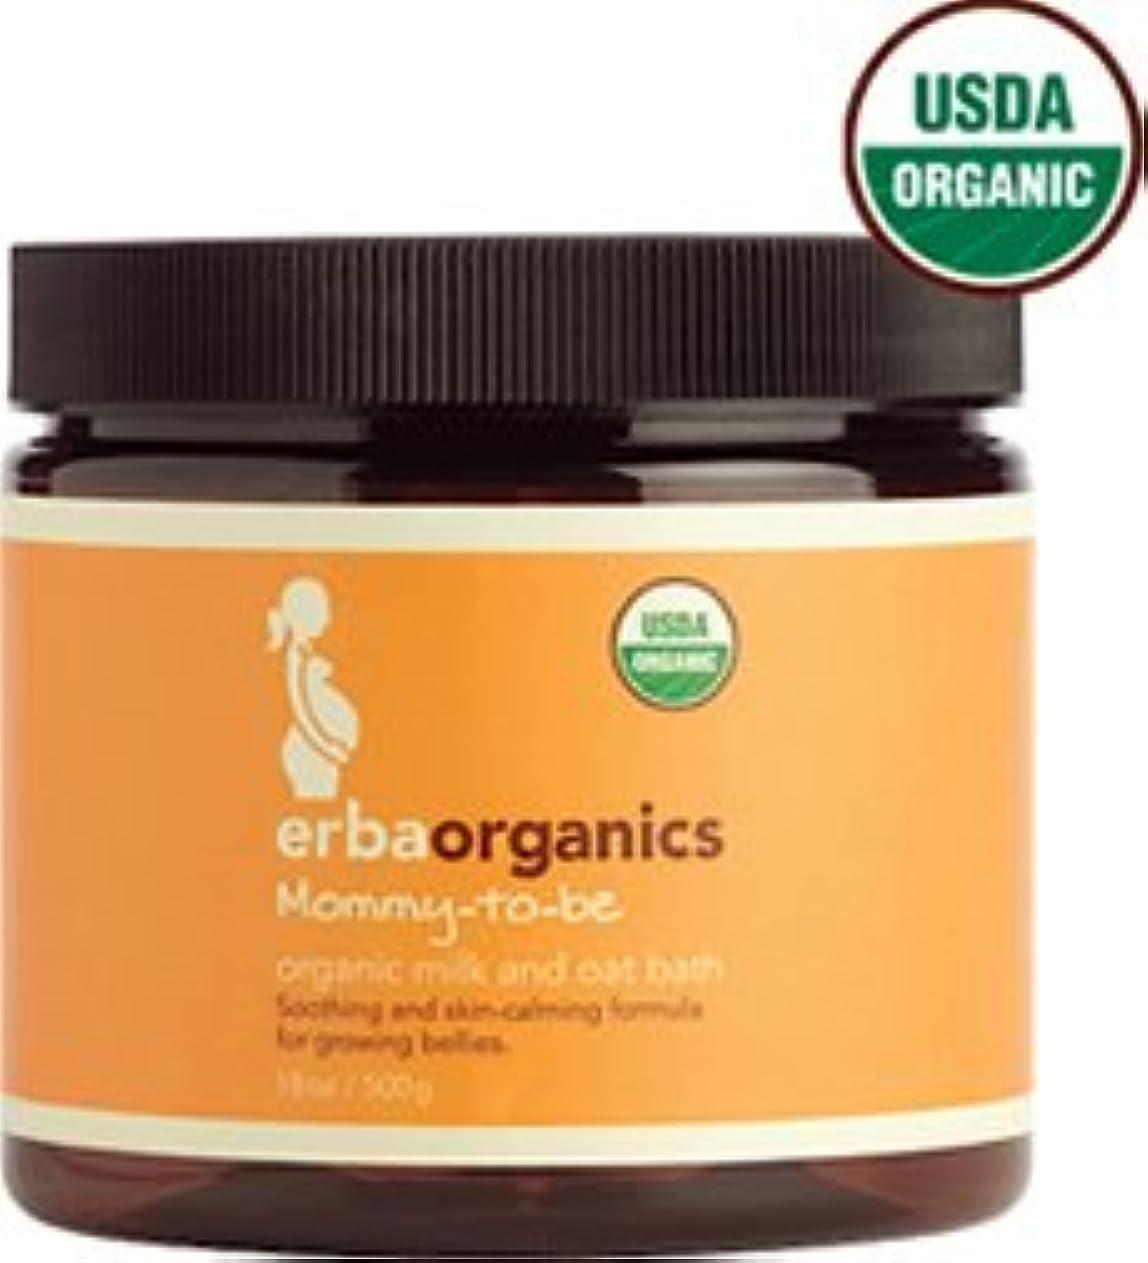 磁器適合市長erba organics〈エルバオーガニックス〉M&Oバスソルト 500g 《マミーライン オーガニック入浴料》